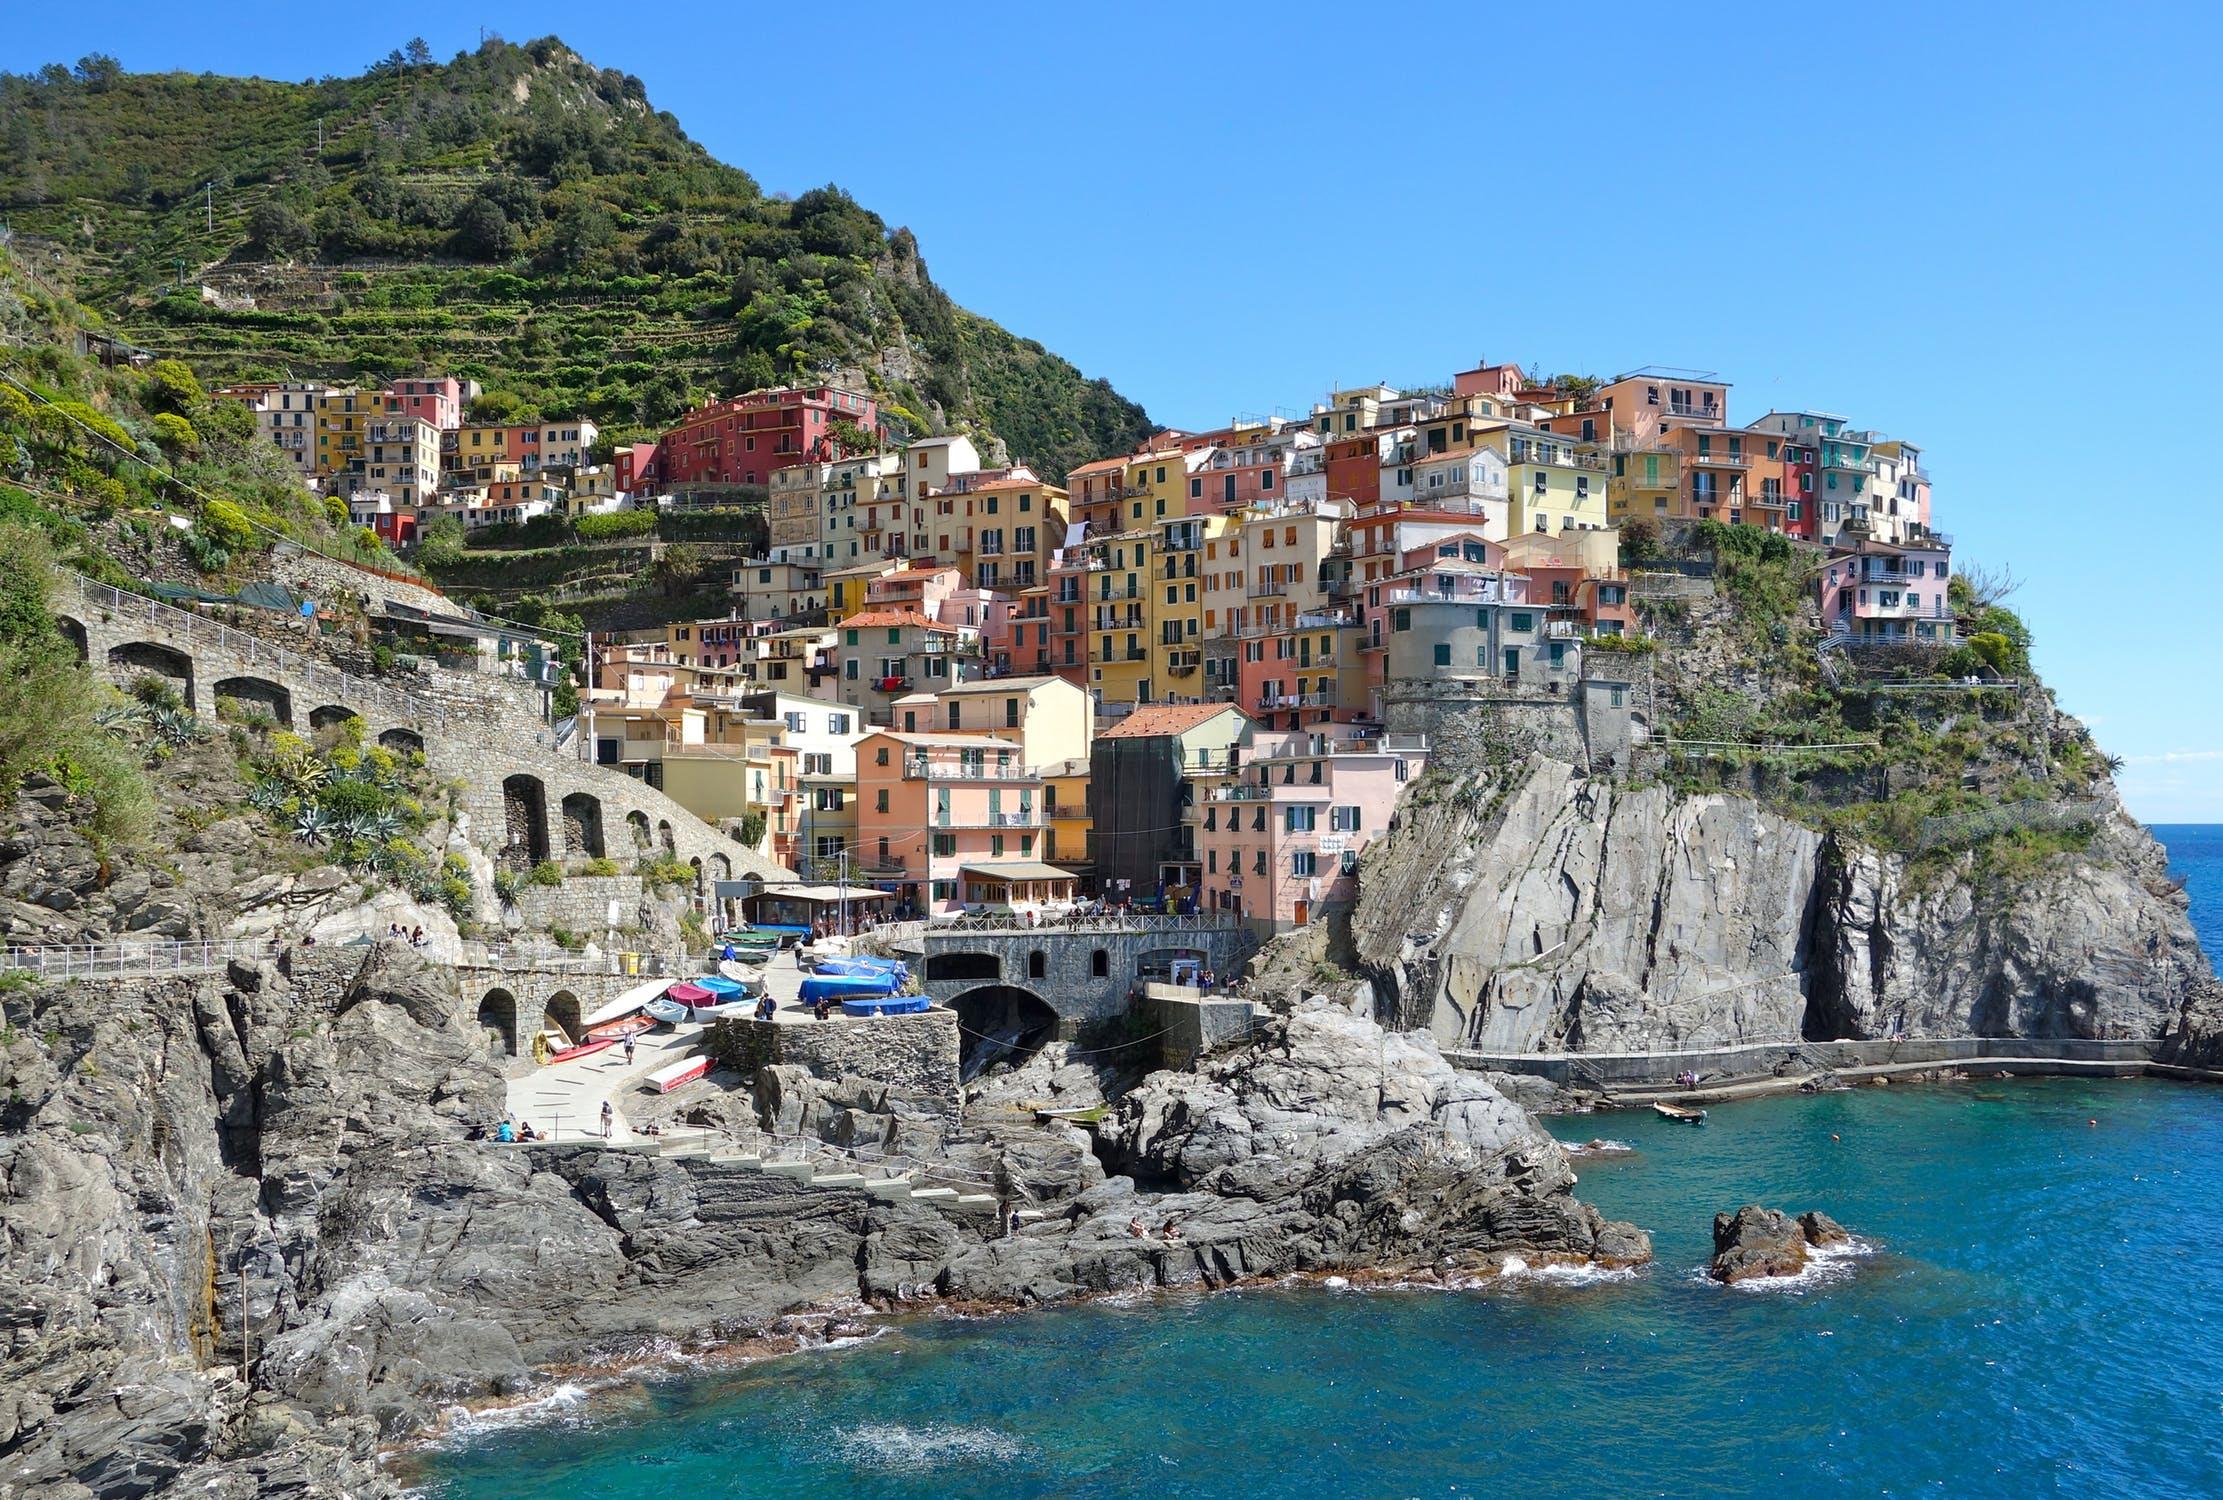 Grâce à cet article vous connaîtrez les 10 Démarches et formalités administratives à faire pour partir vivre en Italie